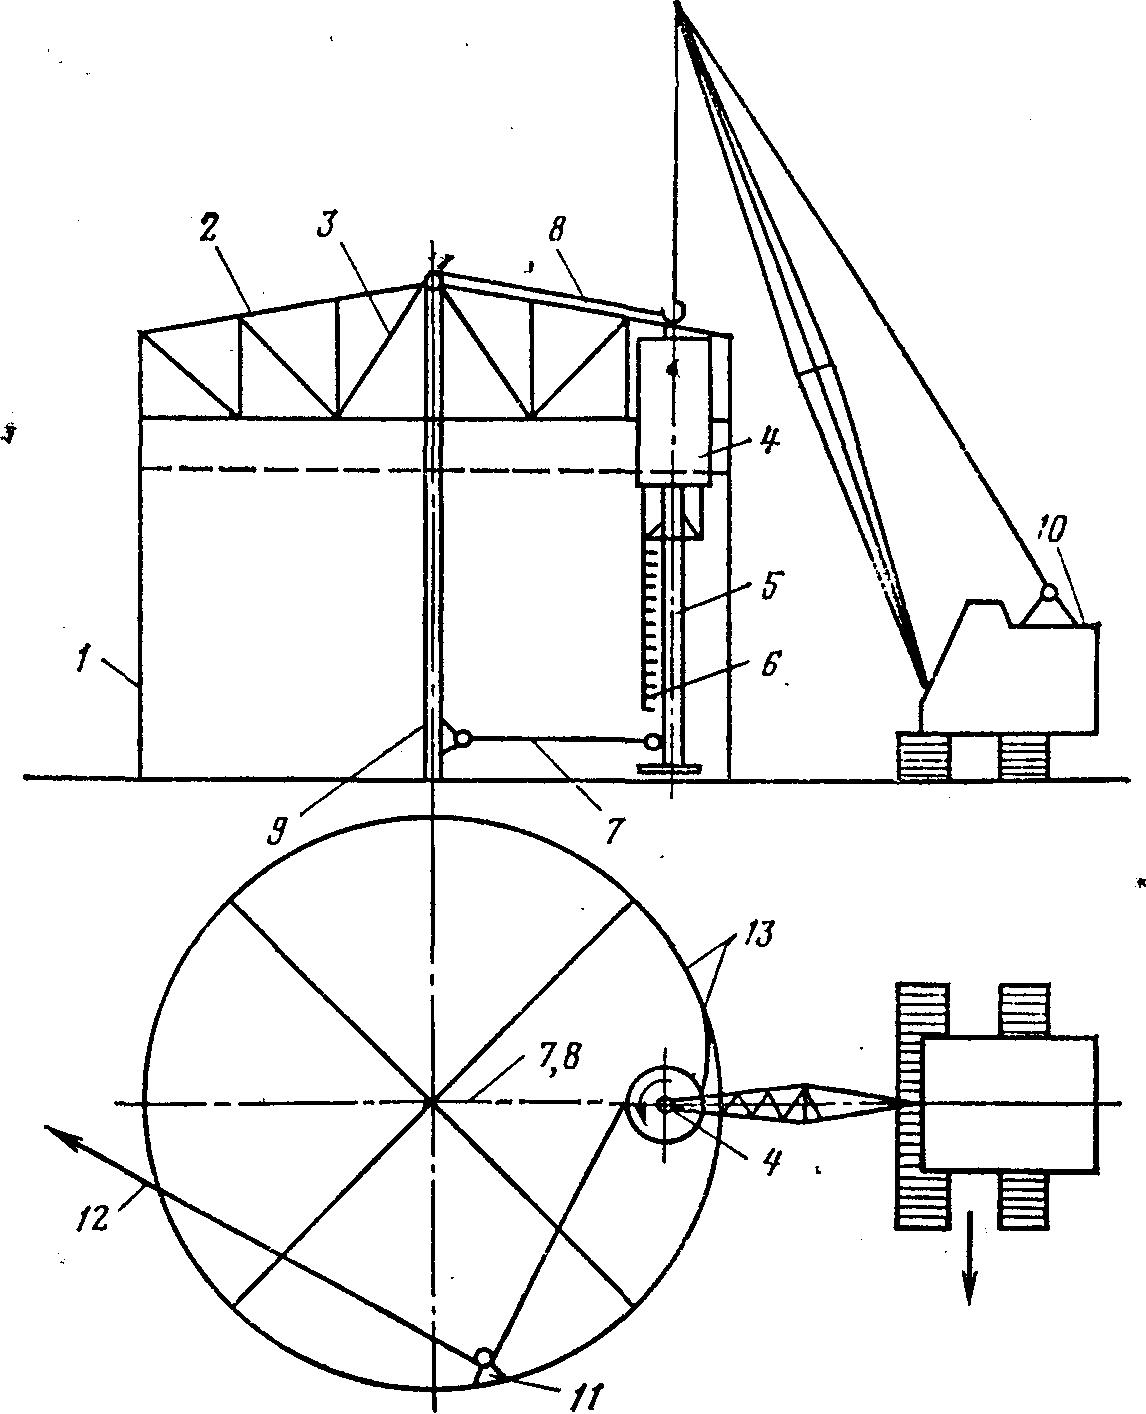 гост 14771-76 и инструкции по сварке и наплавке при ремонте грузовых вагонов